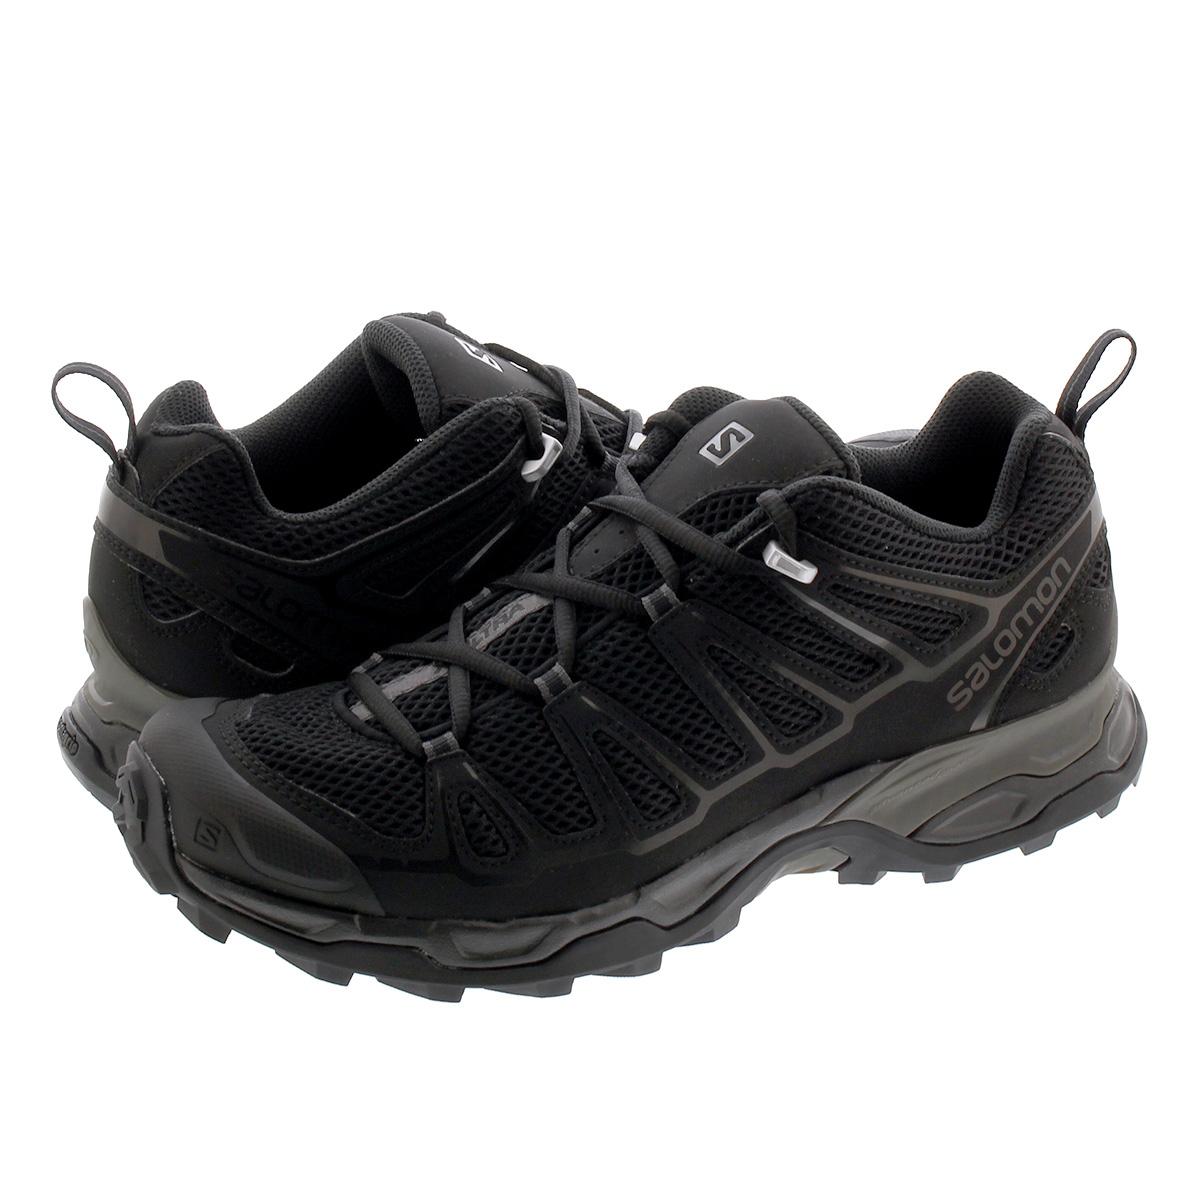 zapatos salomon venezuela zip utility iii